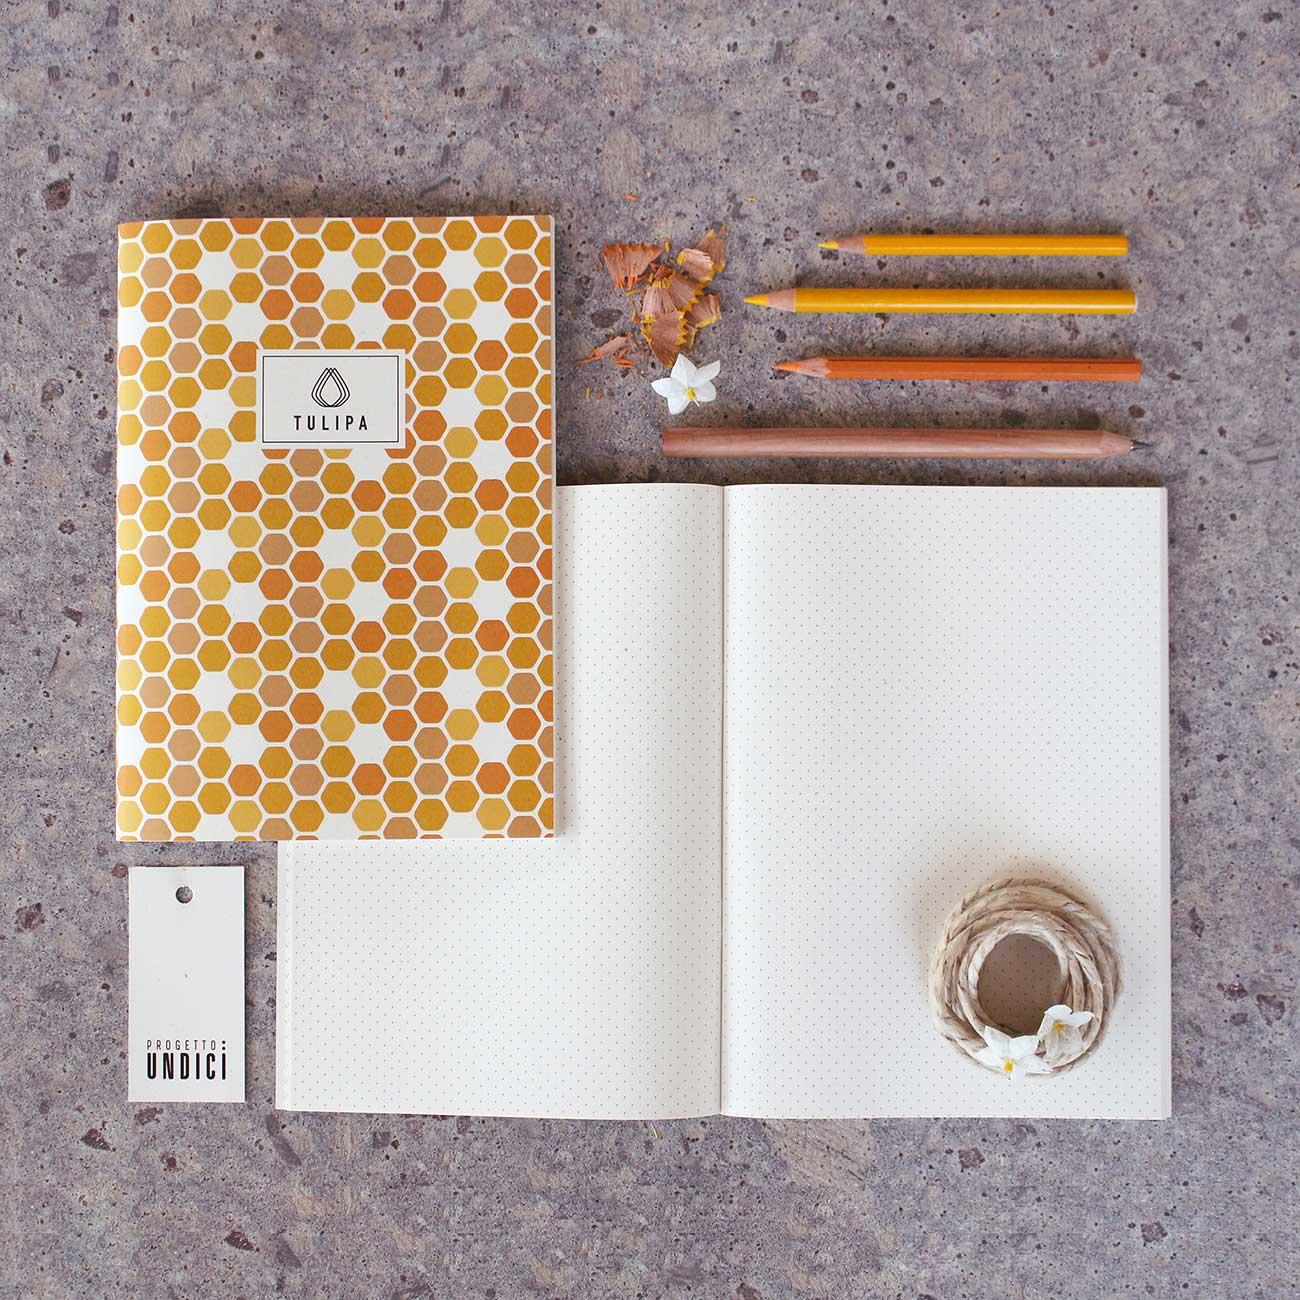 Tulipa, quaderni- Prodotti, Progetto Undici